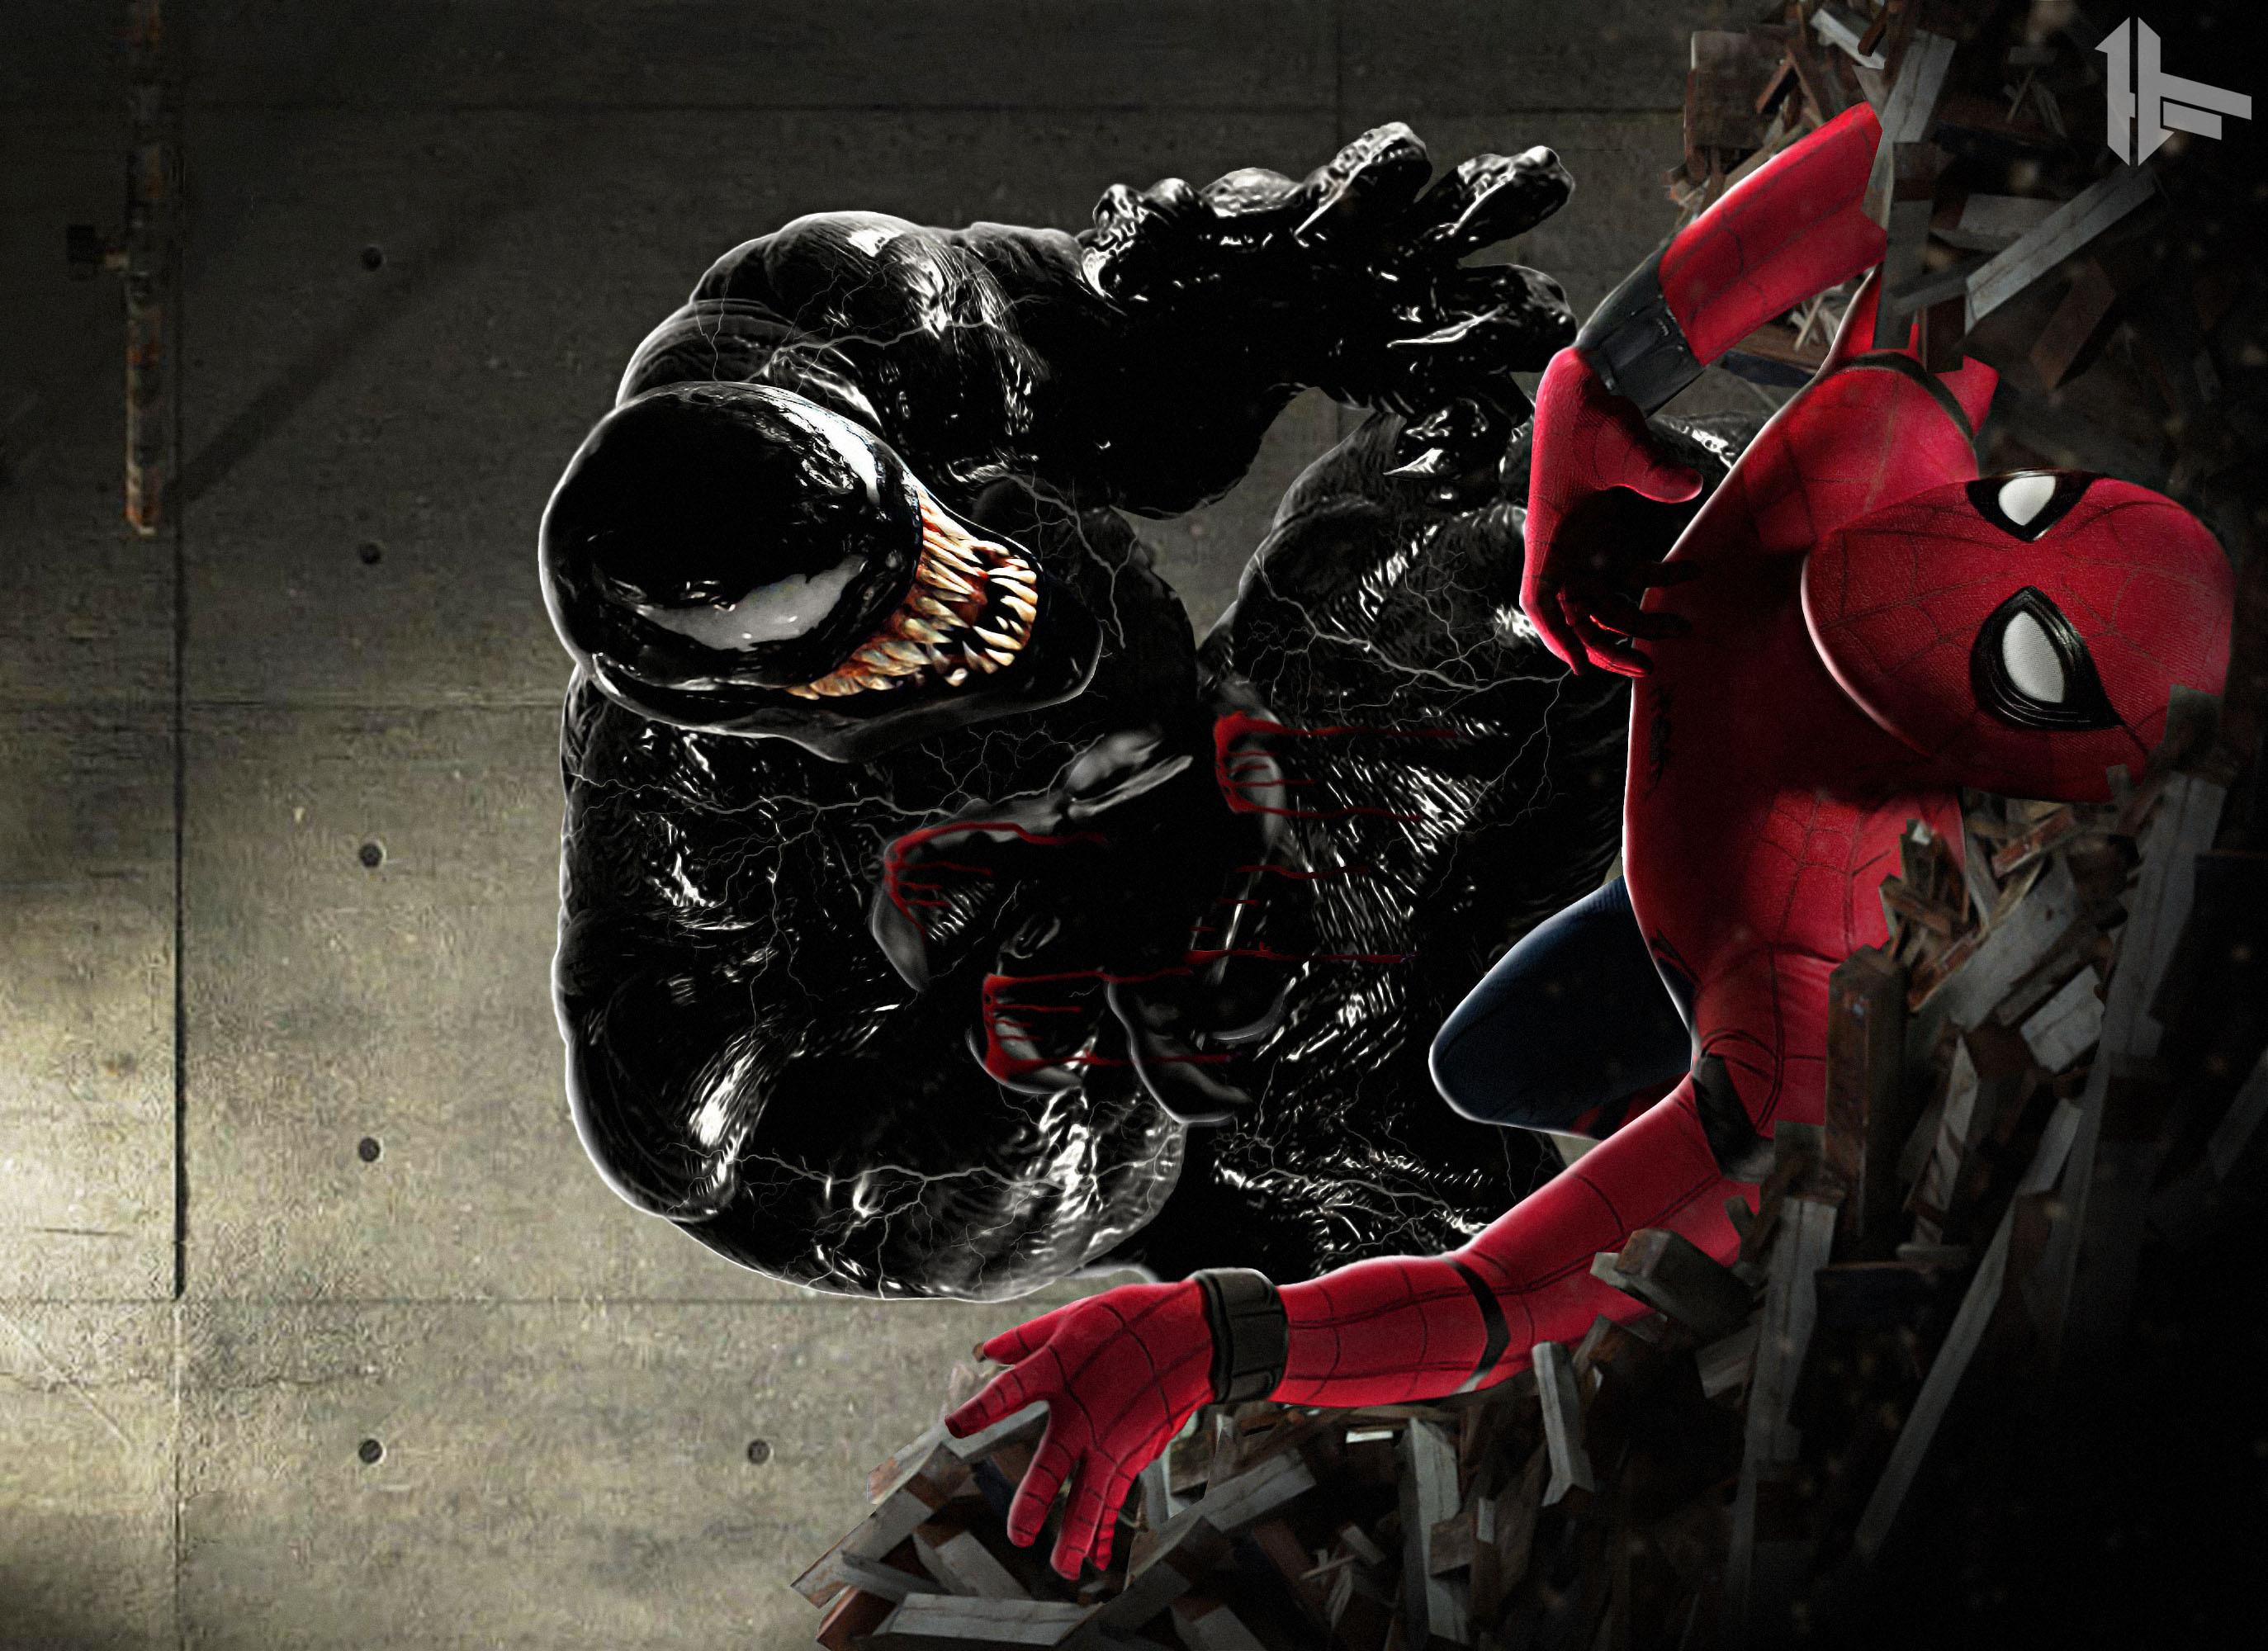 2048x2048 Venom 2018 Movie 4k Ipad Air Hd 4k Wallpapers: 2048x2048 Spiderman Vs Venom Art Ipad Air HD 4k Wallpapers